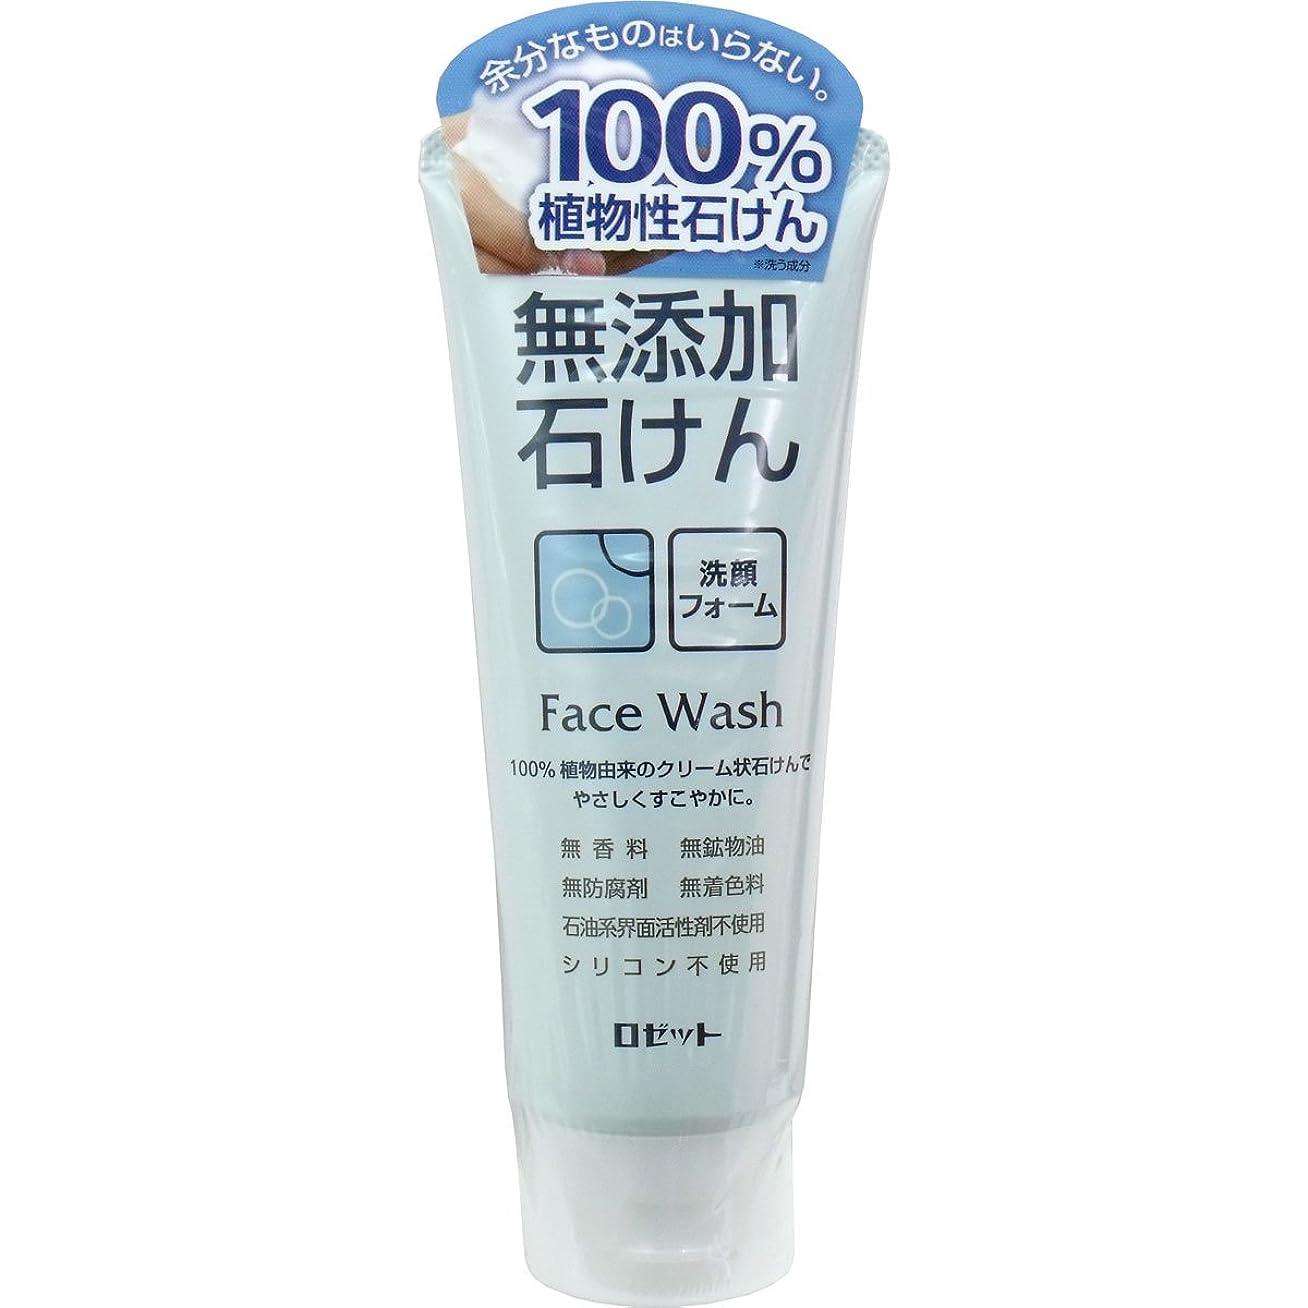 サルベージ多様な重大【ロゼット】無添加石けん 洗顔フォーム 140g ×5個セット